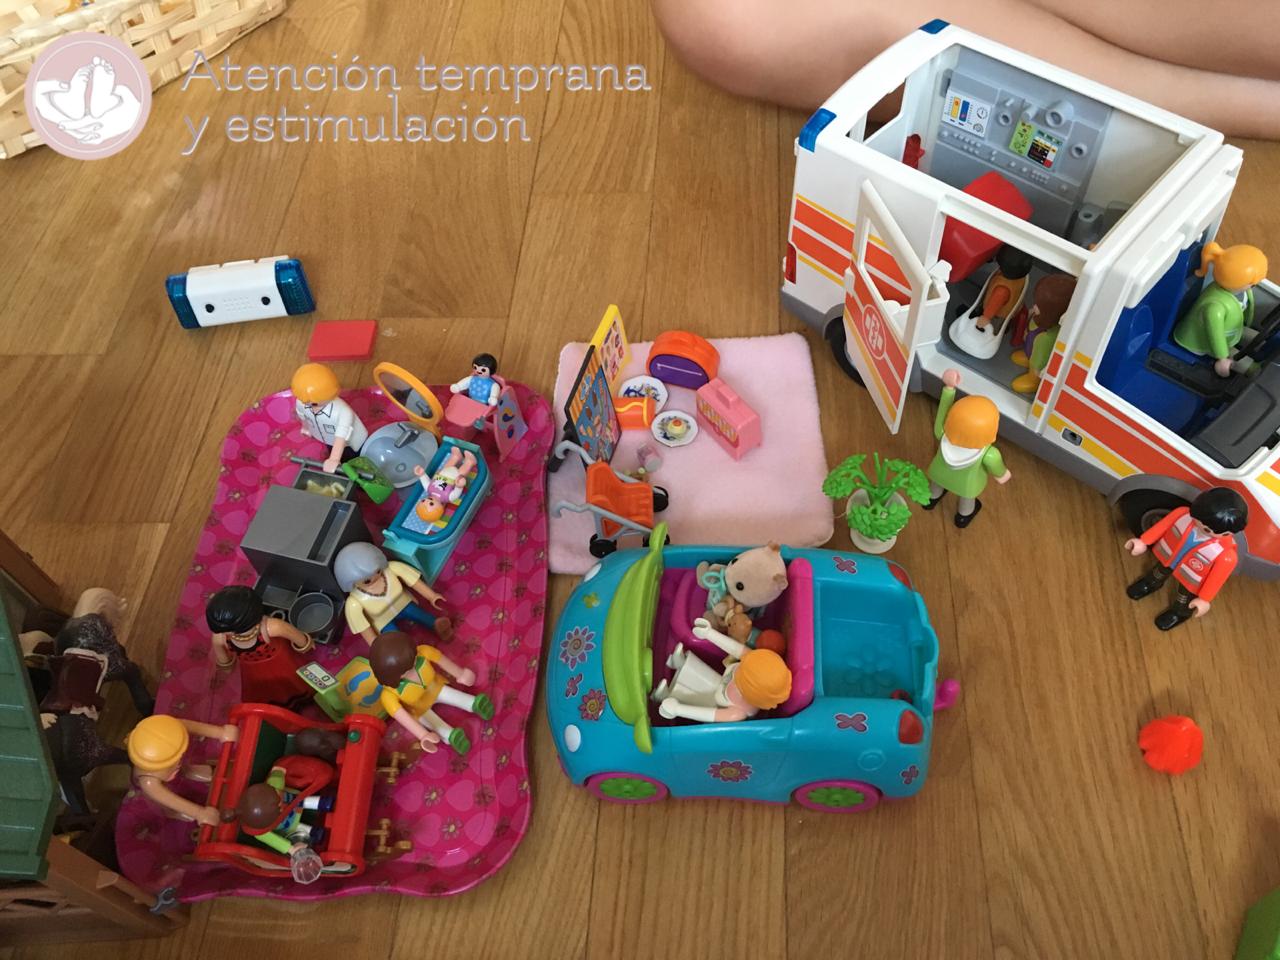 Juguetes Para Niños Y Niñas De 4 Años Atención Temprana Y Estimulación